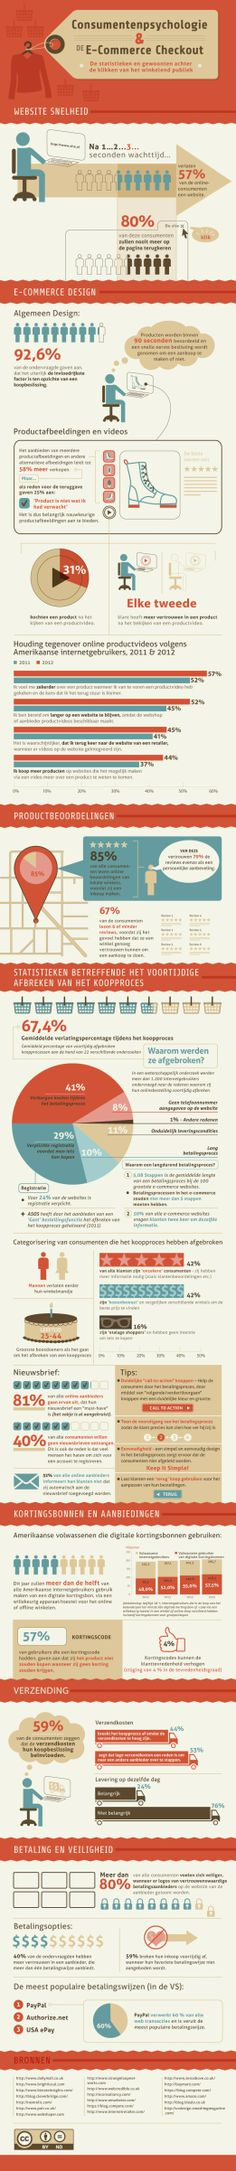 De statistieken en gewoonten achter de klikken van het winkelend publiek.